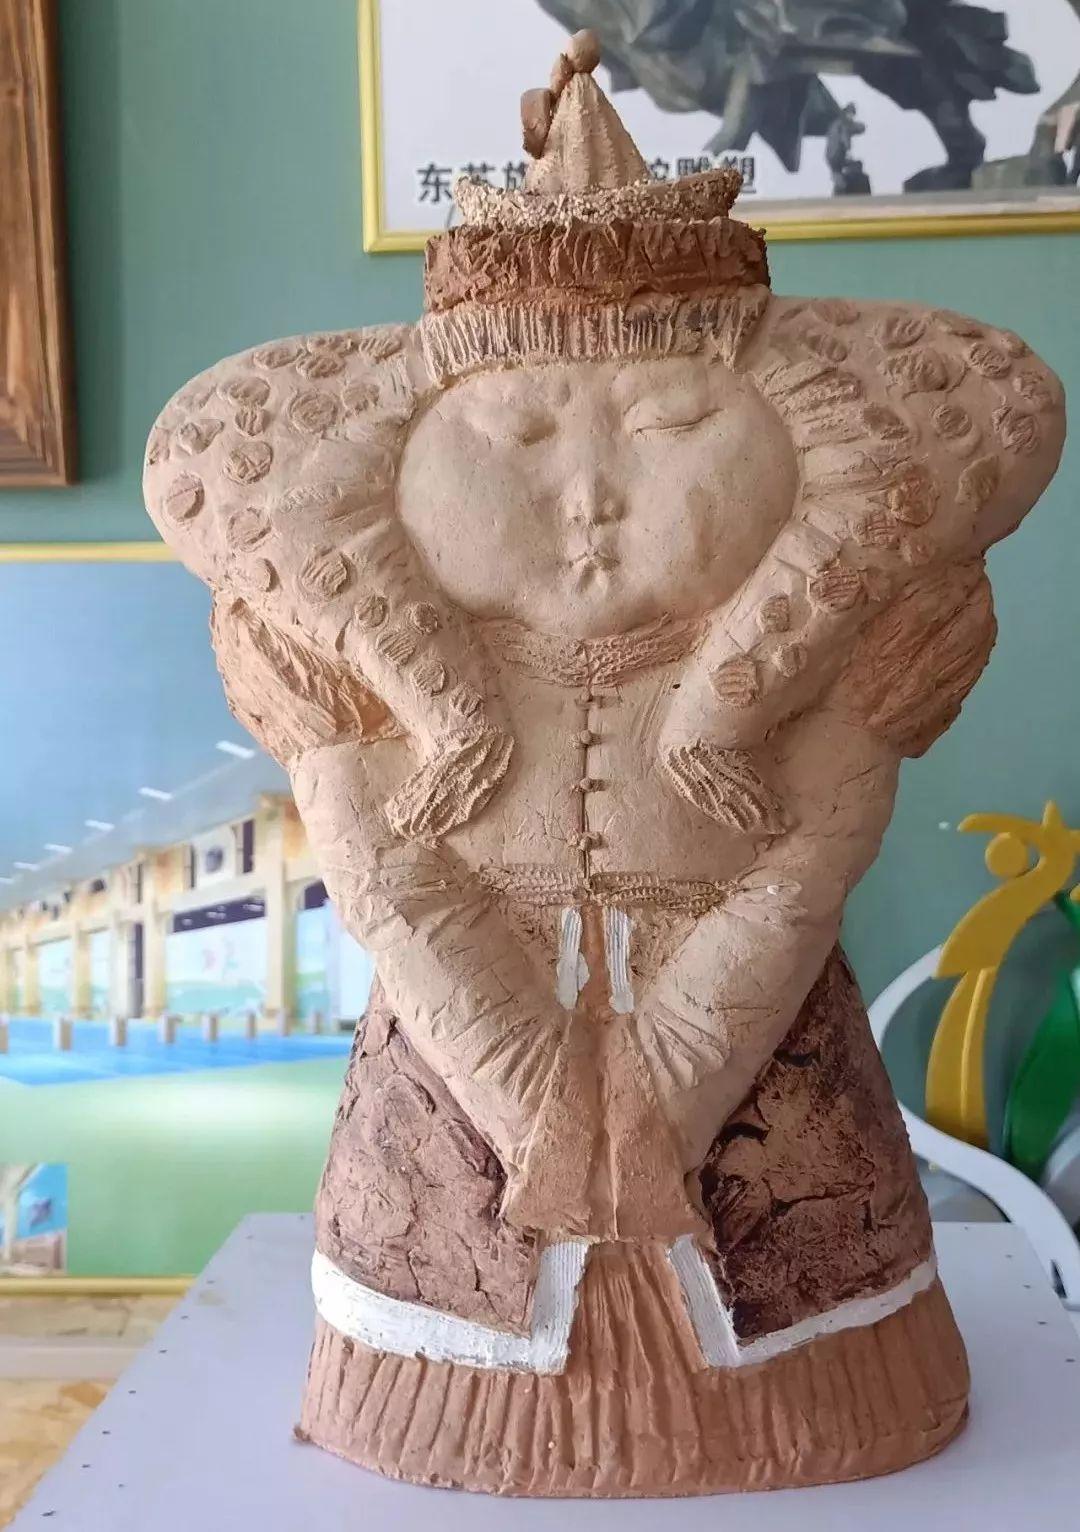 【头条】蒙古族小伙用雕塑艺术创作出个性作品 第13张 【头条】蒙古族小伙用雕塑艺术创作出个性作品 蒙古画廊